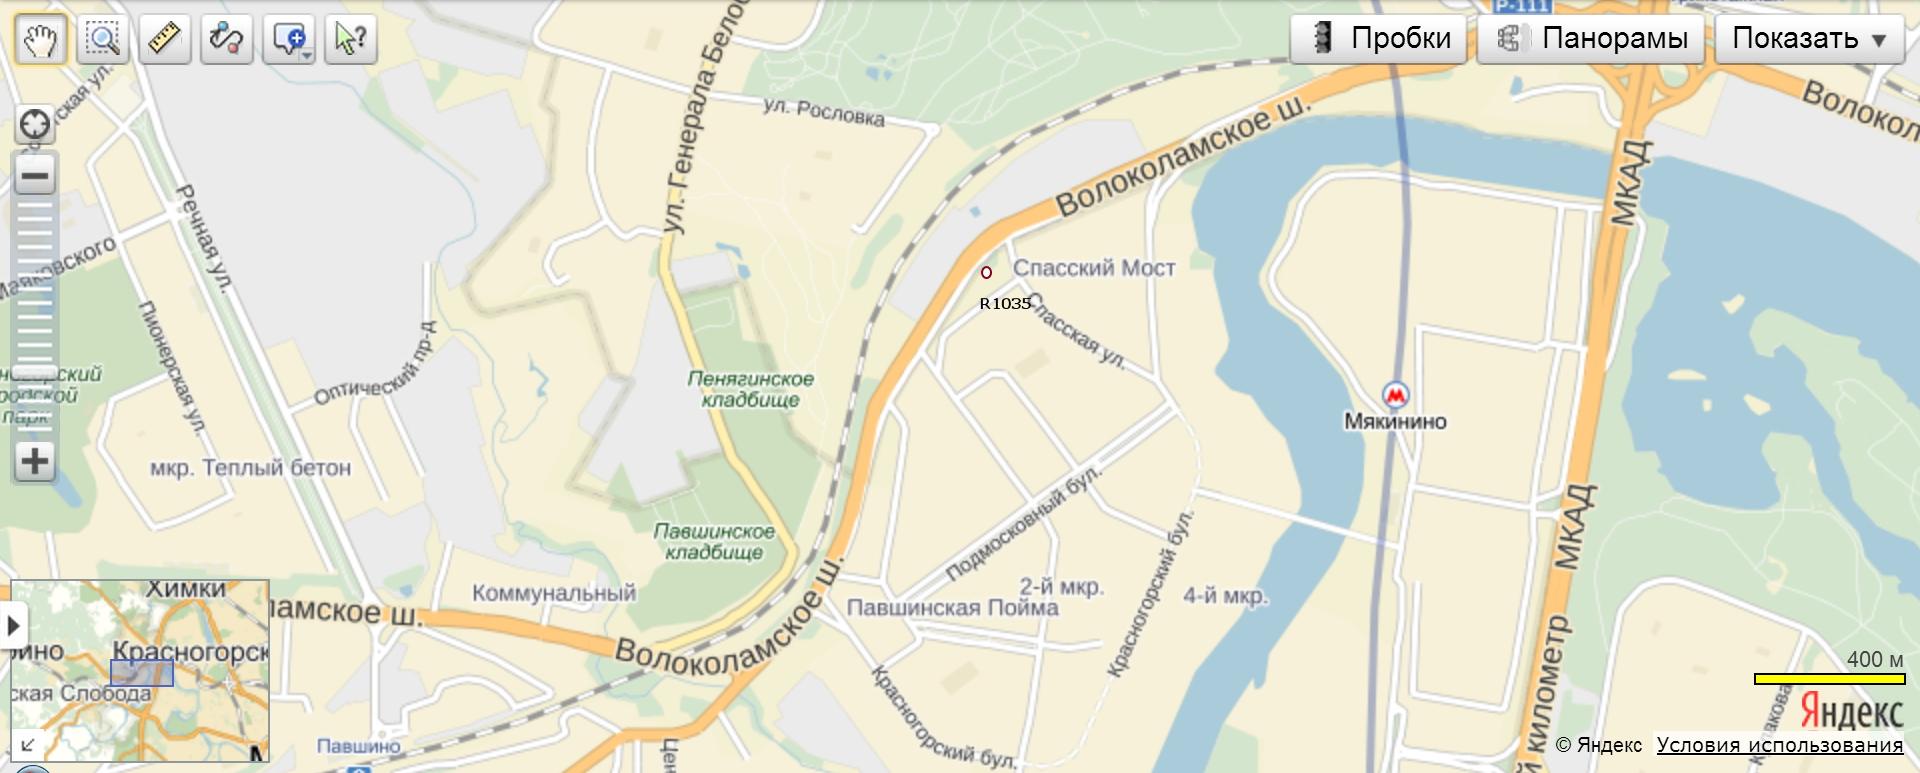 На волоколамском шоссе за мостом (пересечение с ул свободы) в тушинском тоннель под каналом им